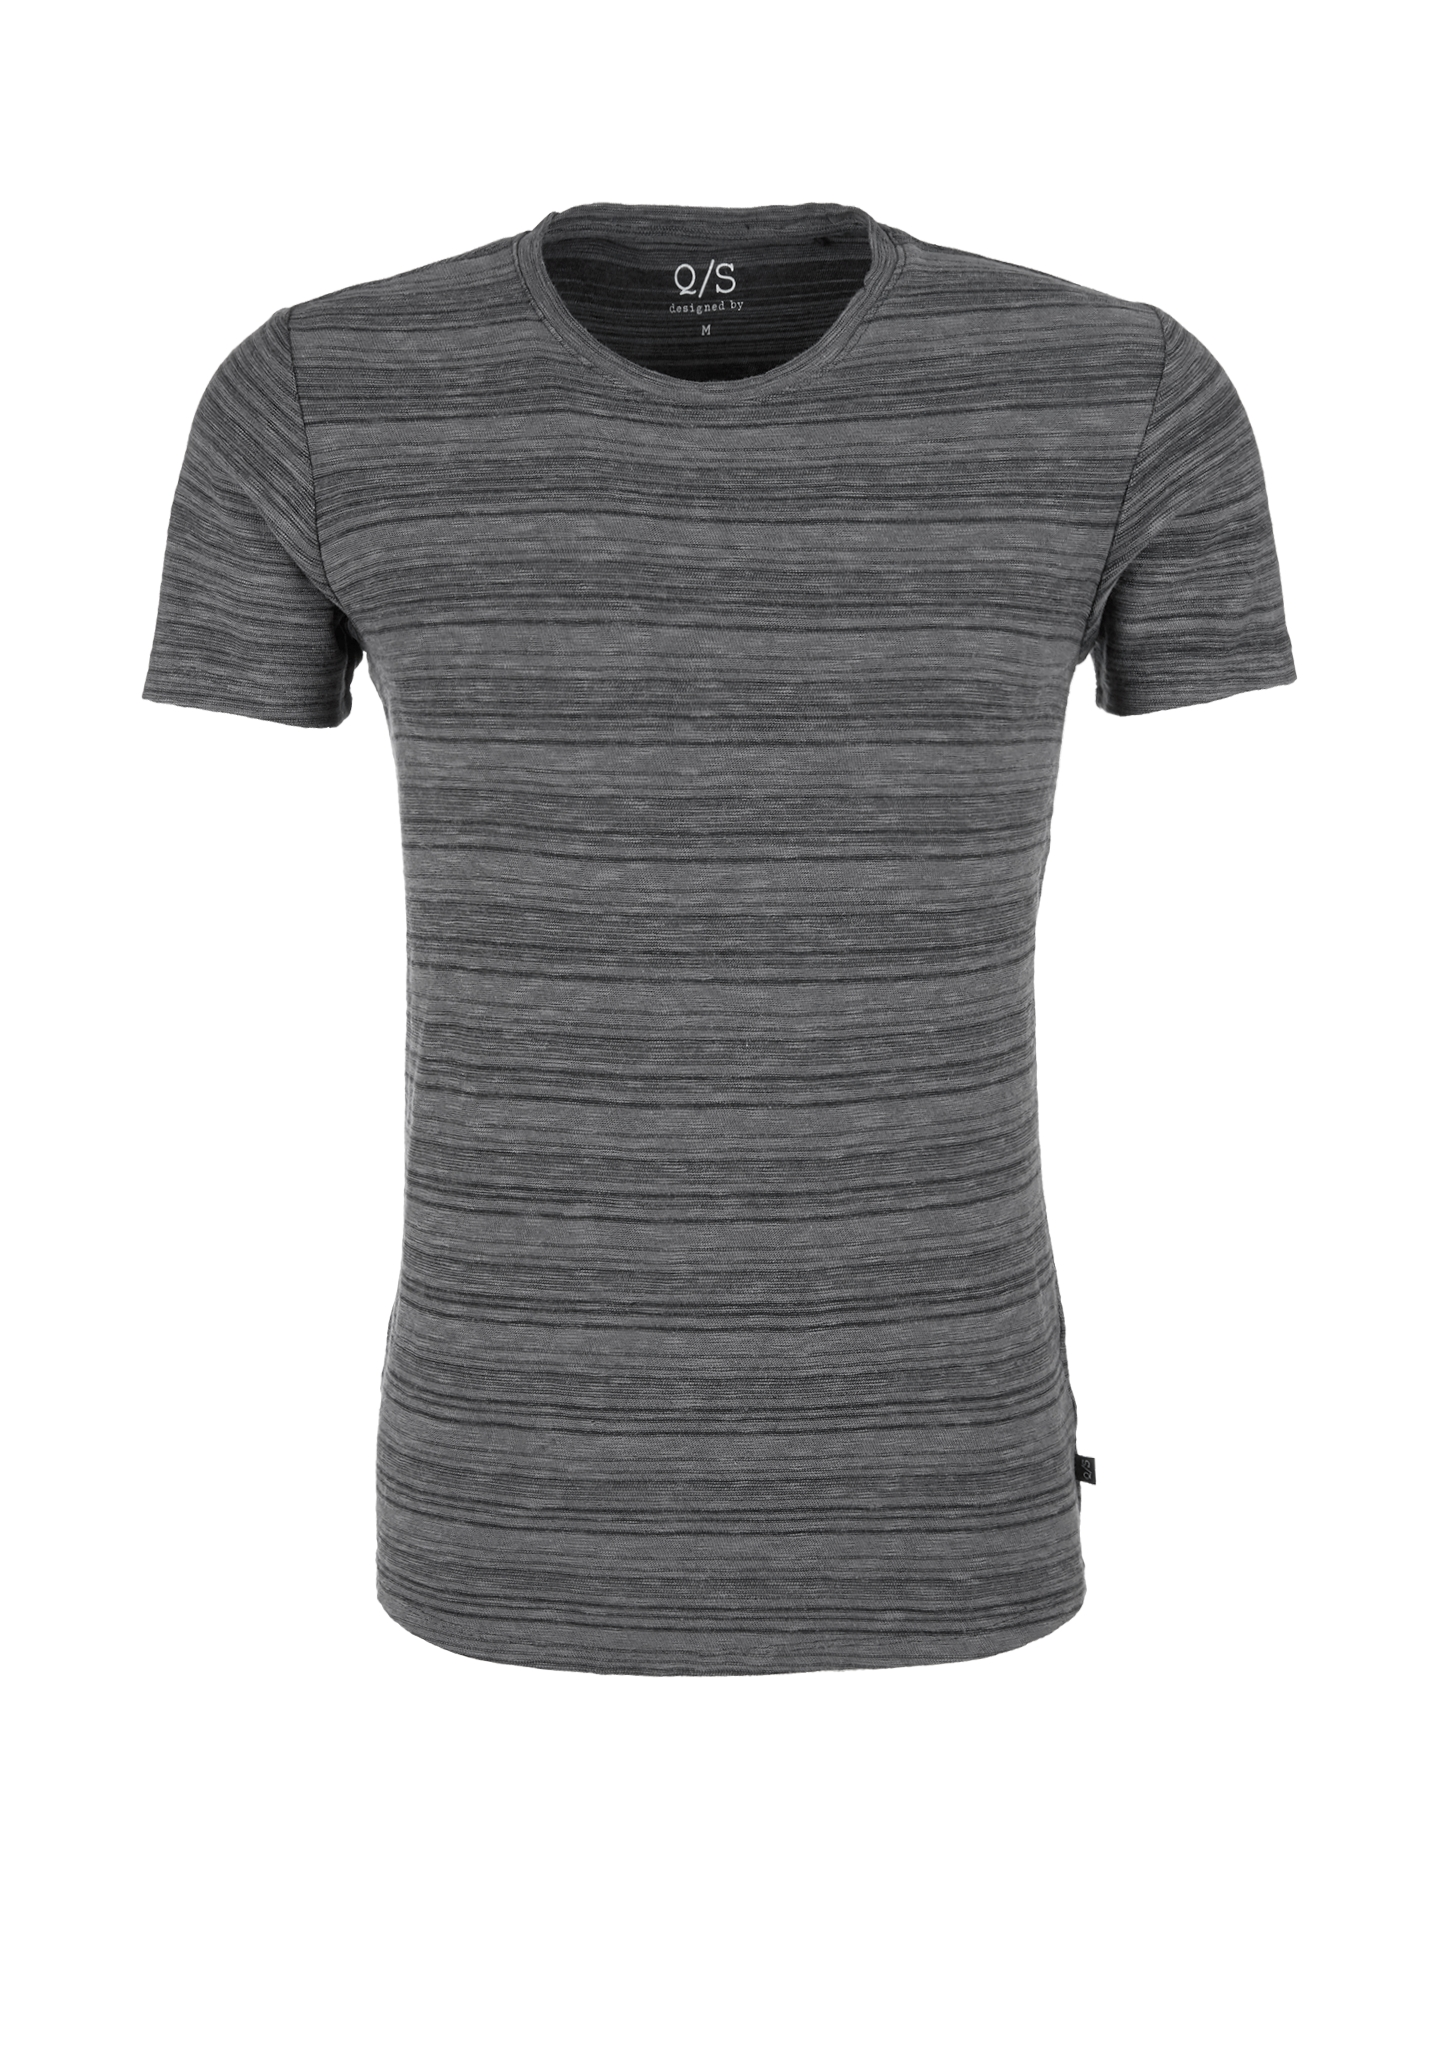 100-baumwolle Sonstige Shirts für Herren online kaufen   Herrenmode ... 0d2cc64d93